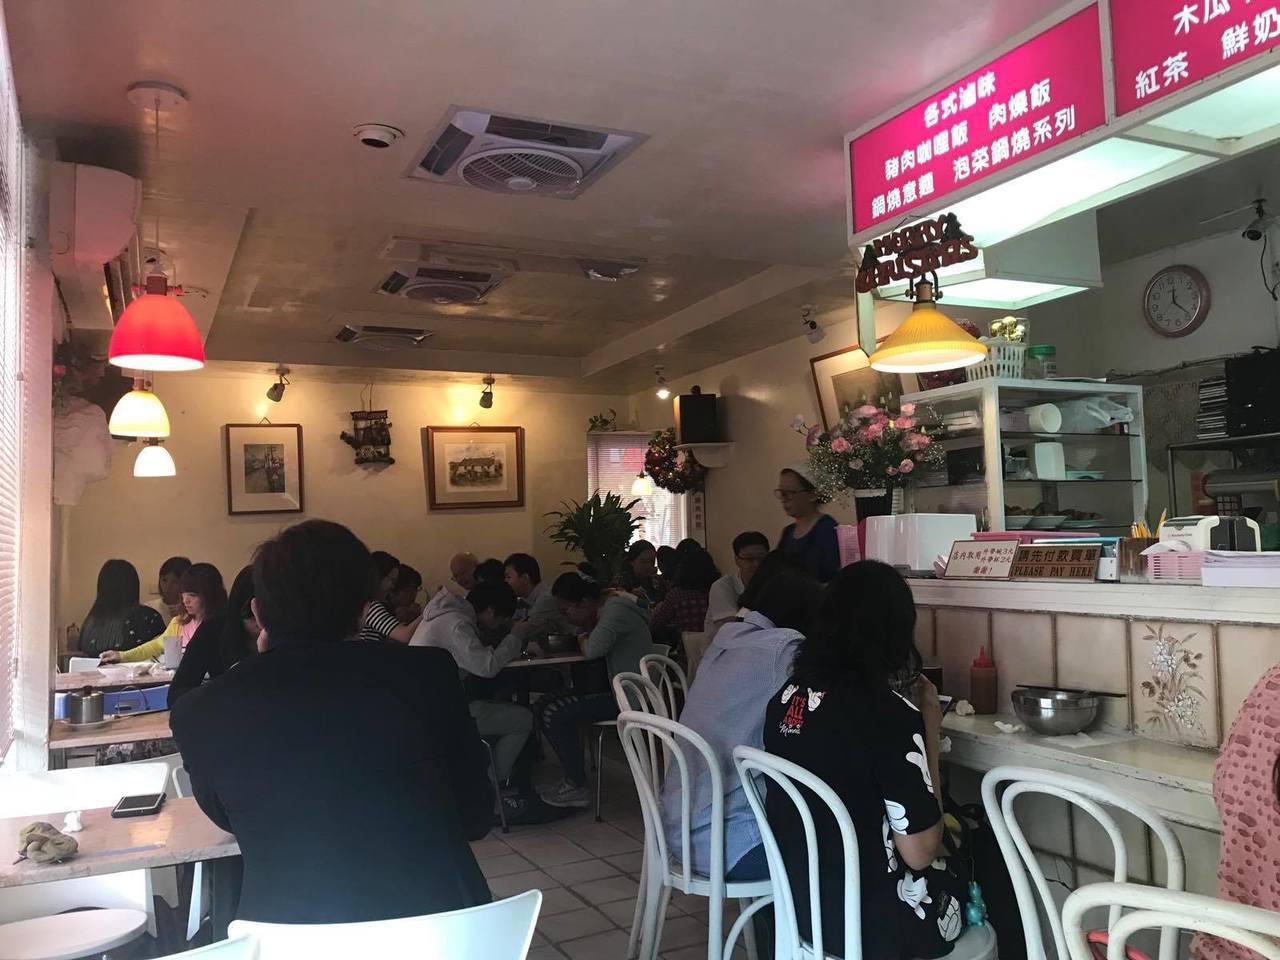 位於樹林街上的「小豆豆餐飲屋 」創立於1970年,是台南知名鍋燒意麵店。記者綦守...